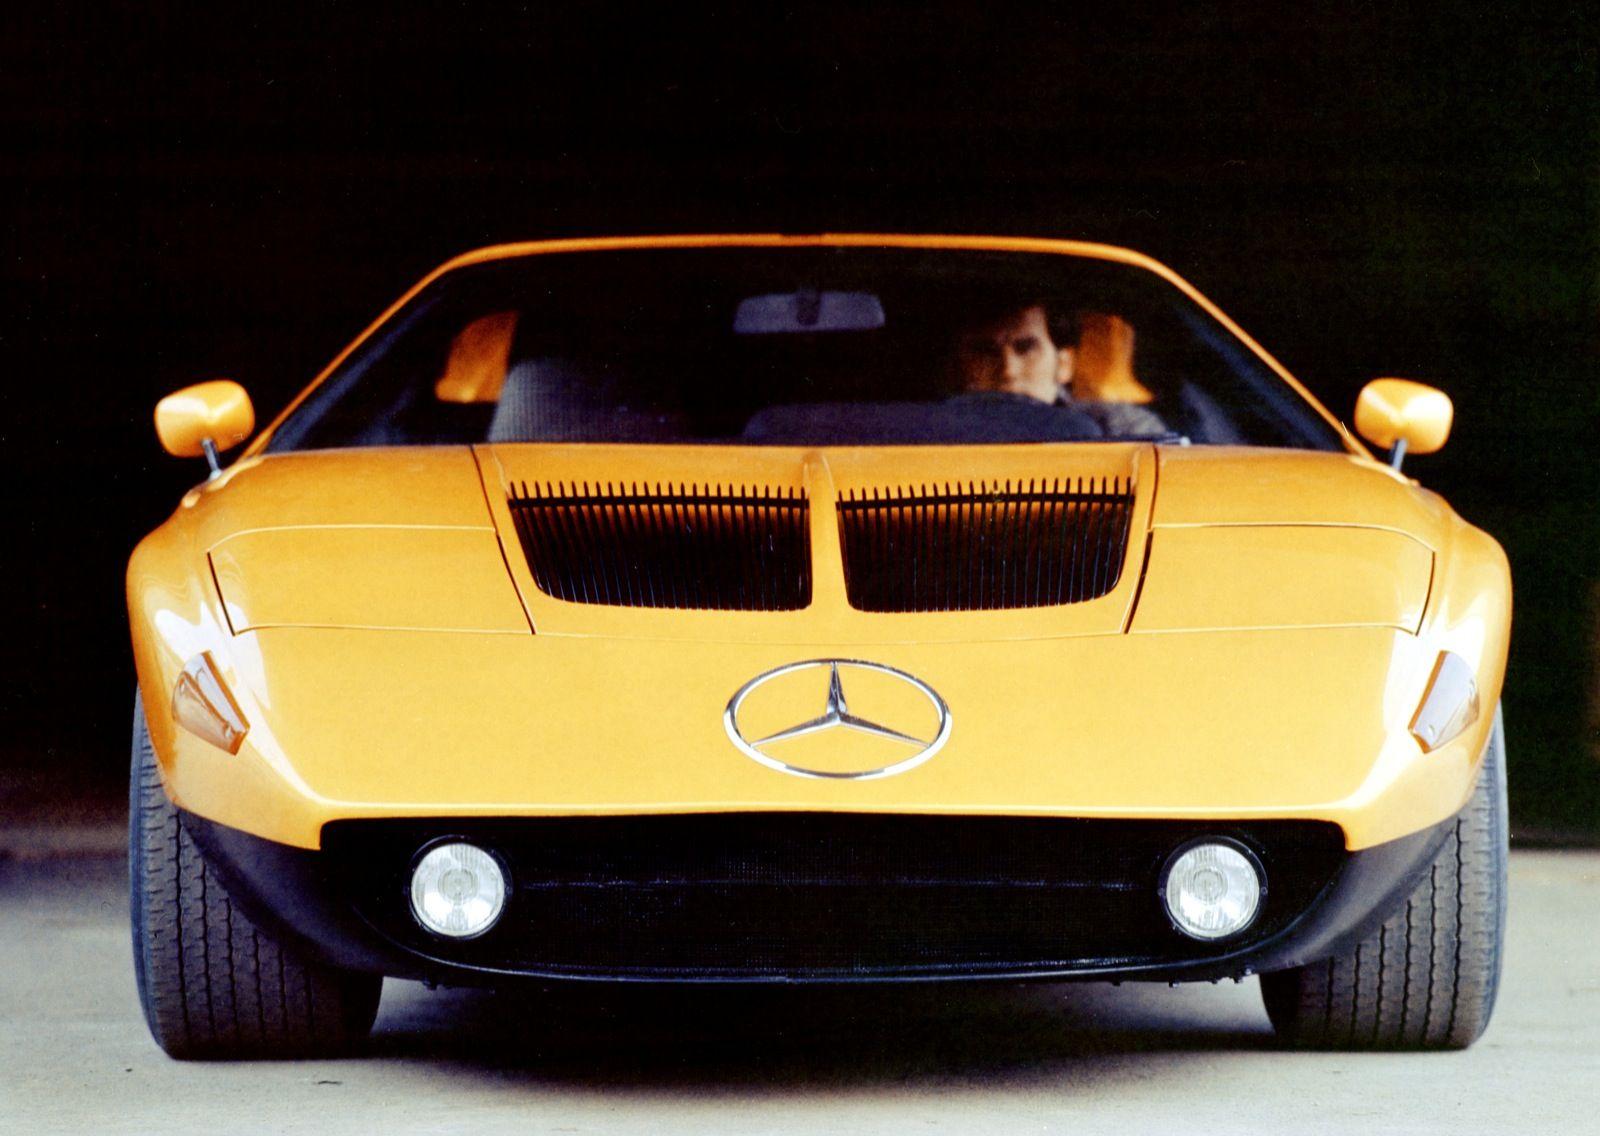 Mercedes benz 280sl car vehicl wrap mercedes benz merced pagoda - Mercedes Benz 280sl Car Vehicl Wrap Mercedes Benz Merced Pagoda 23